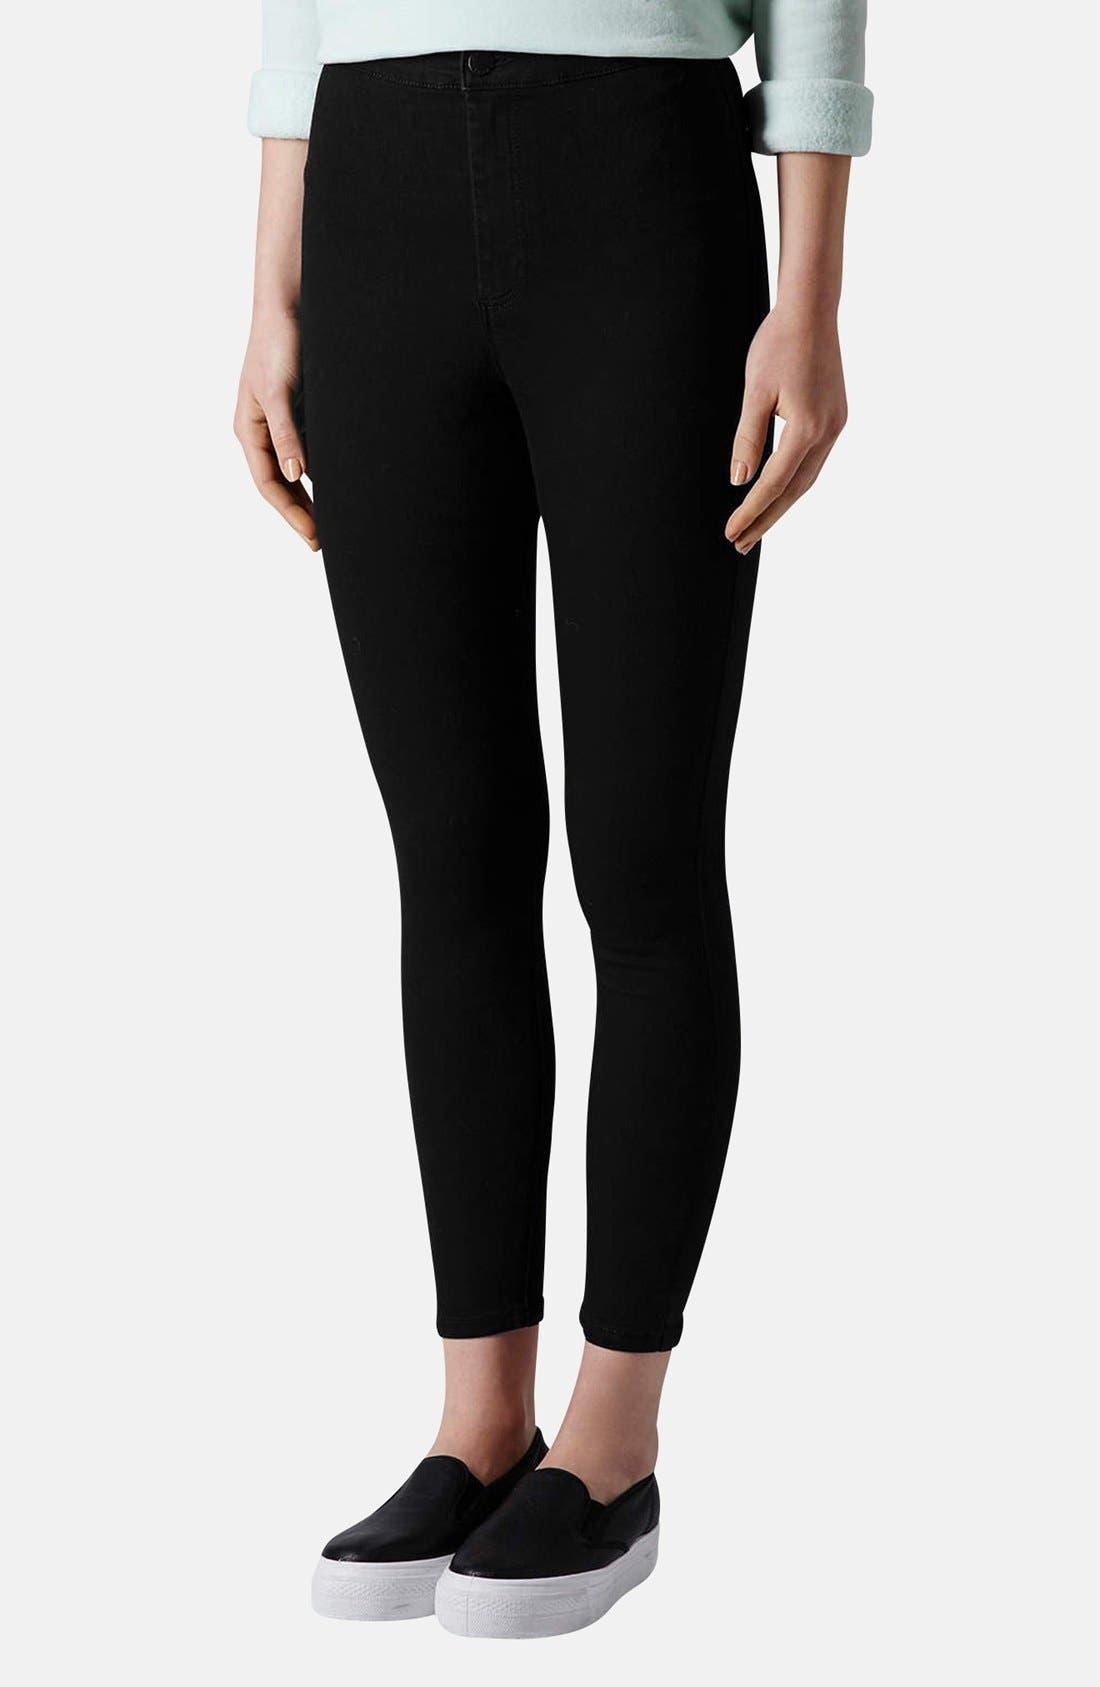 Alternate Image 1 Selected - Topshop Moto 'Joni' High Rise Skinny Jeans (Regular & Petite)